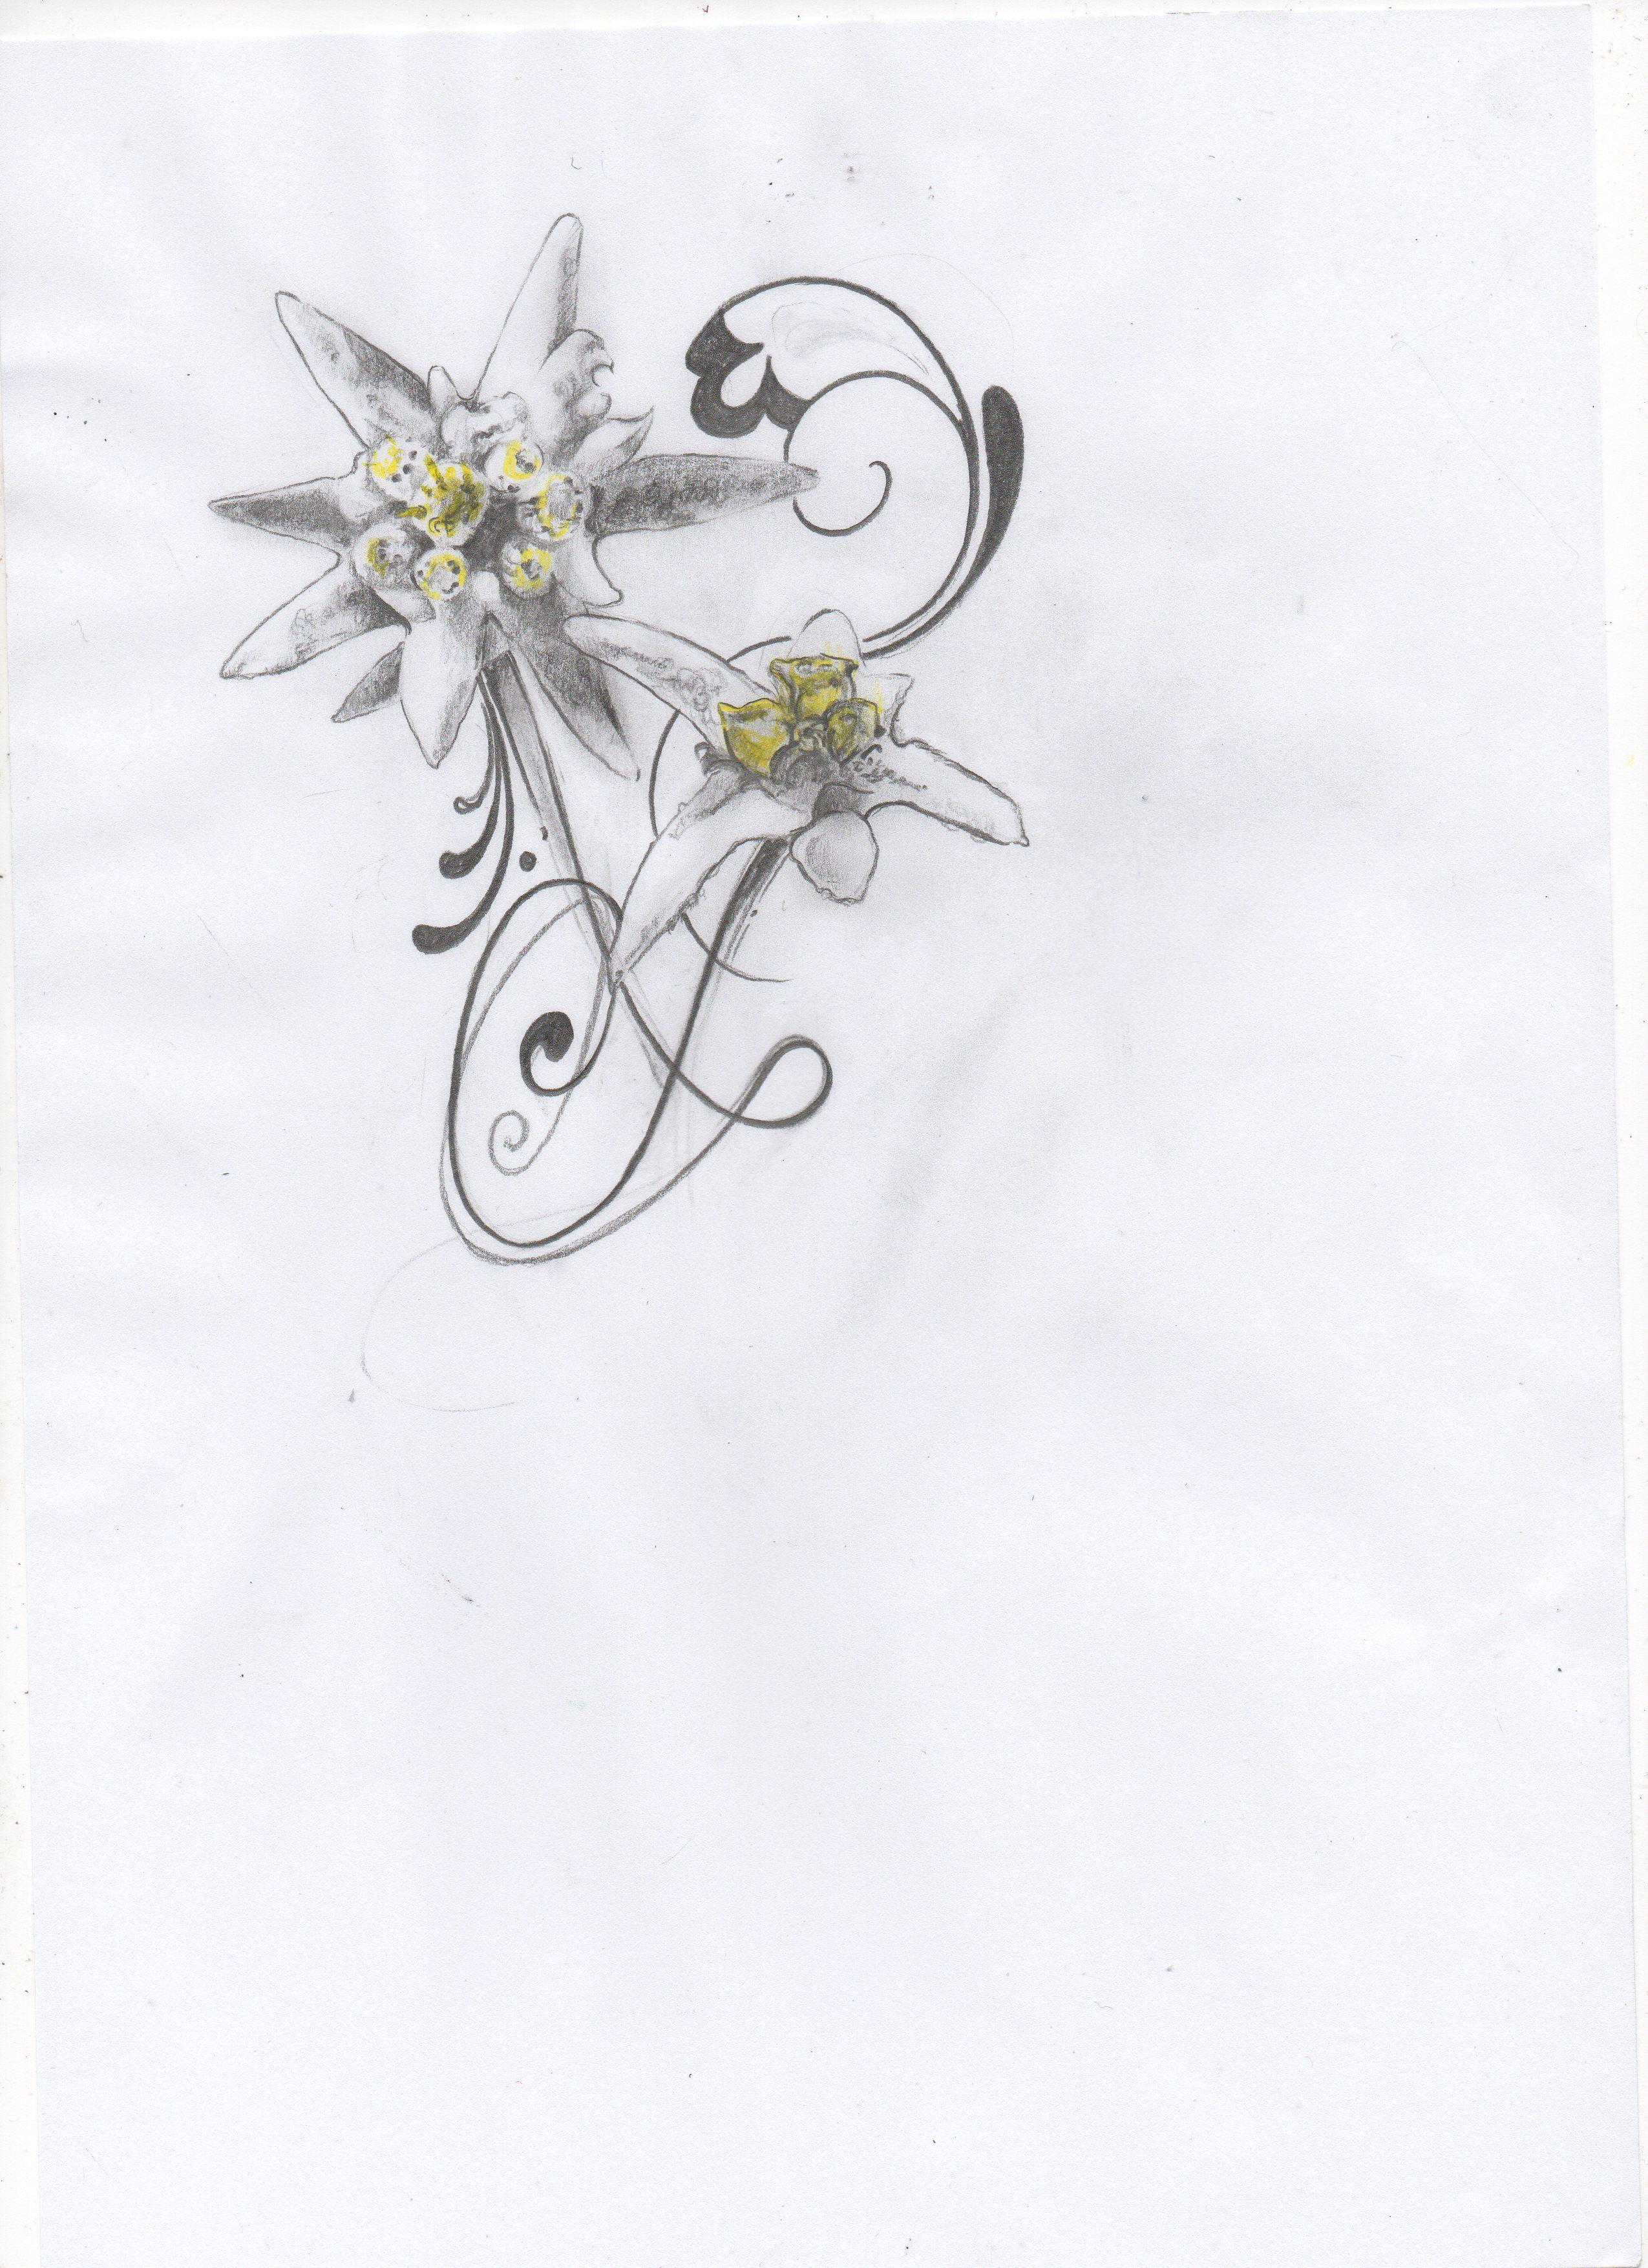 Edelweiss Flower Tattoo Edelweiss tatt | Tattoo inspiration ...